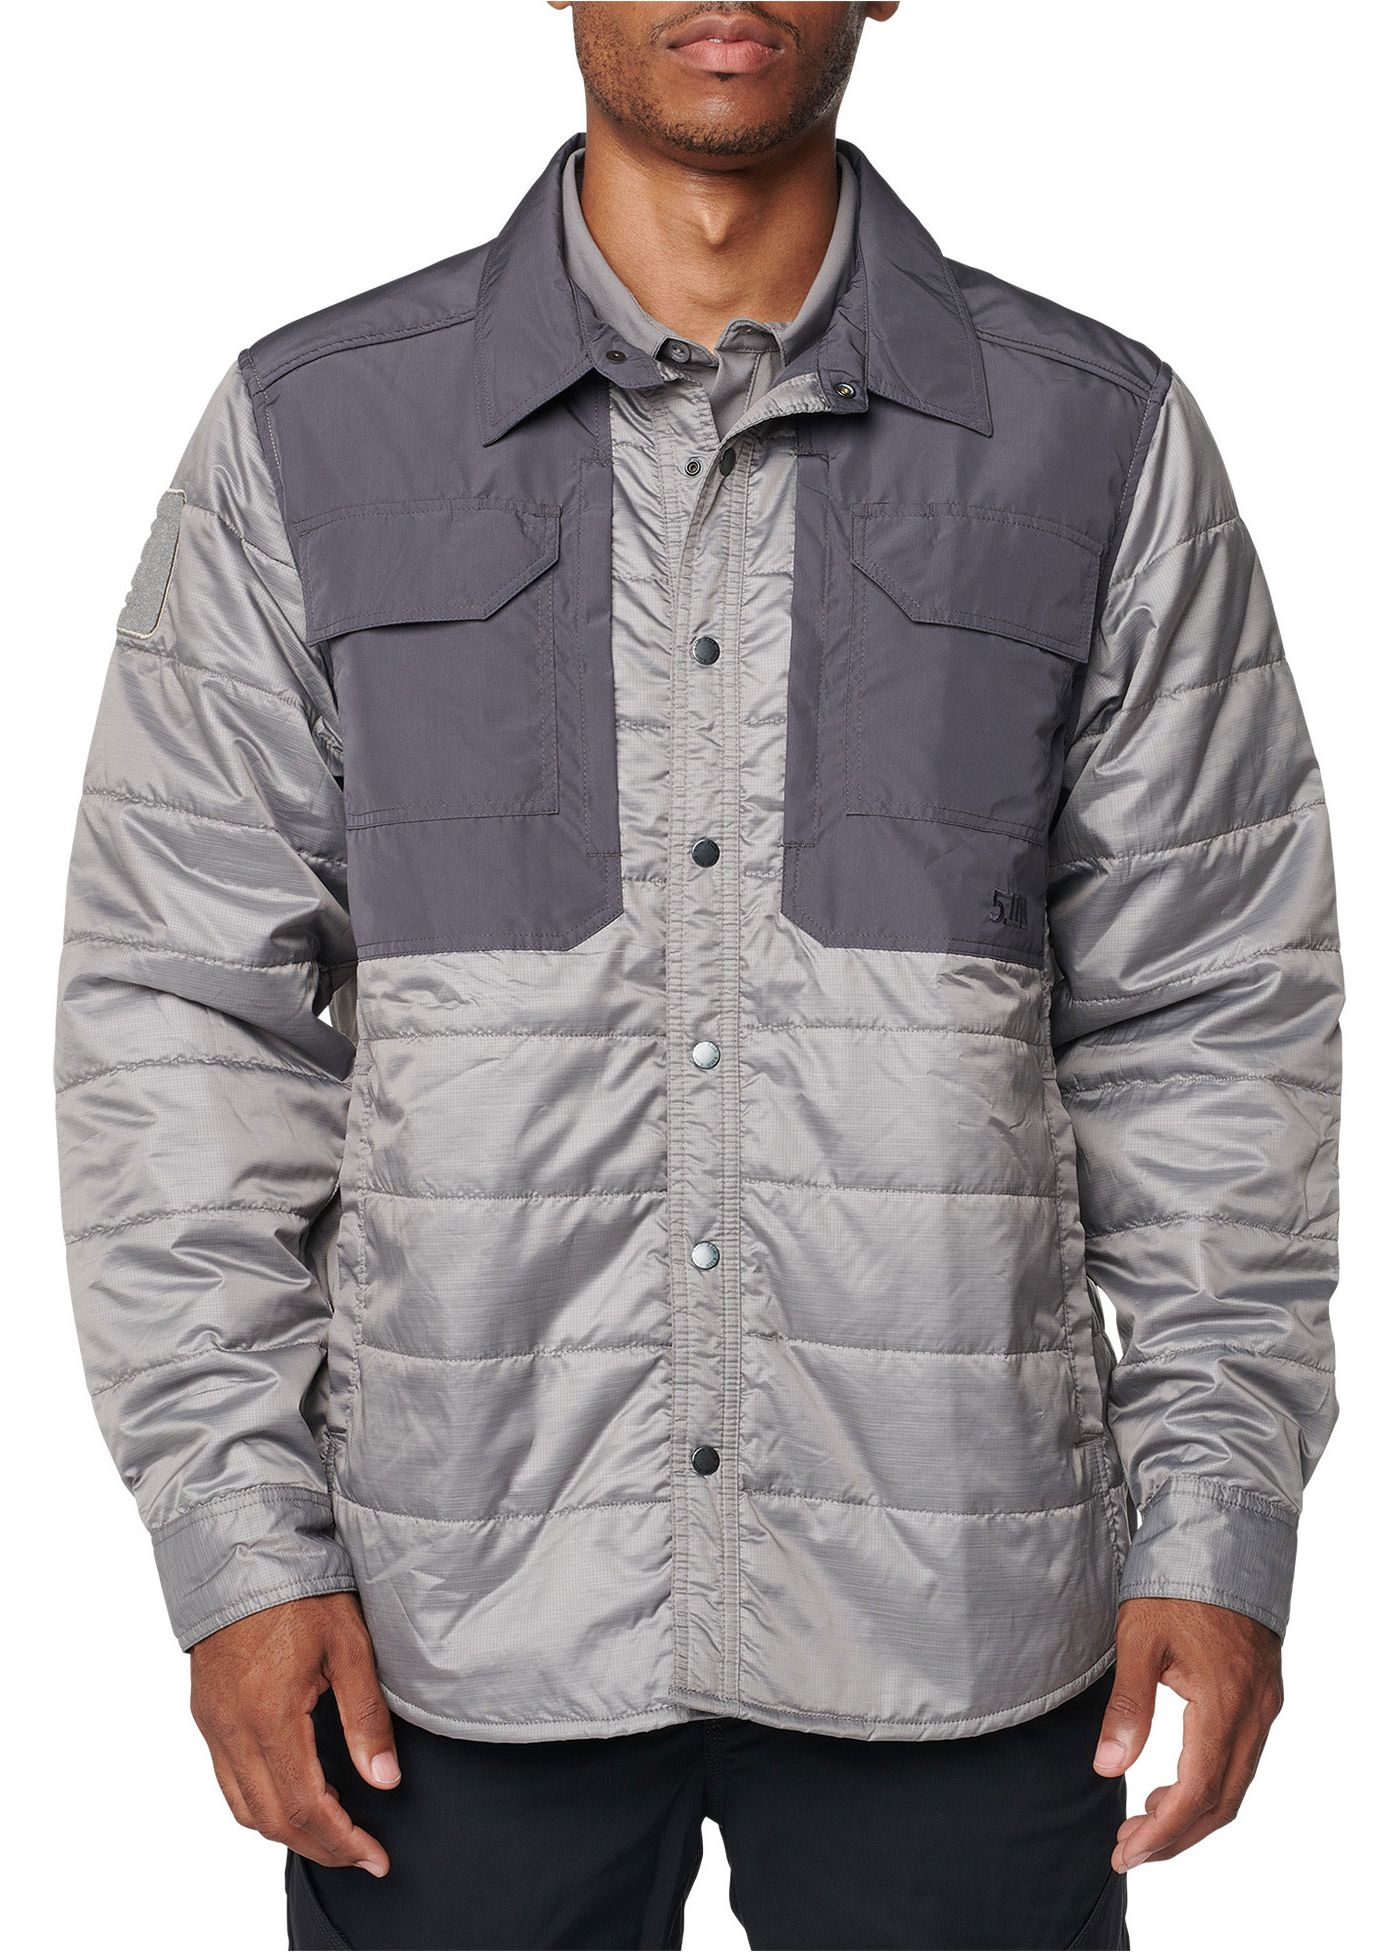 5.11 Tactical Men's Peninsula Insulator Shirt Jacket